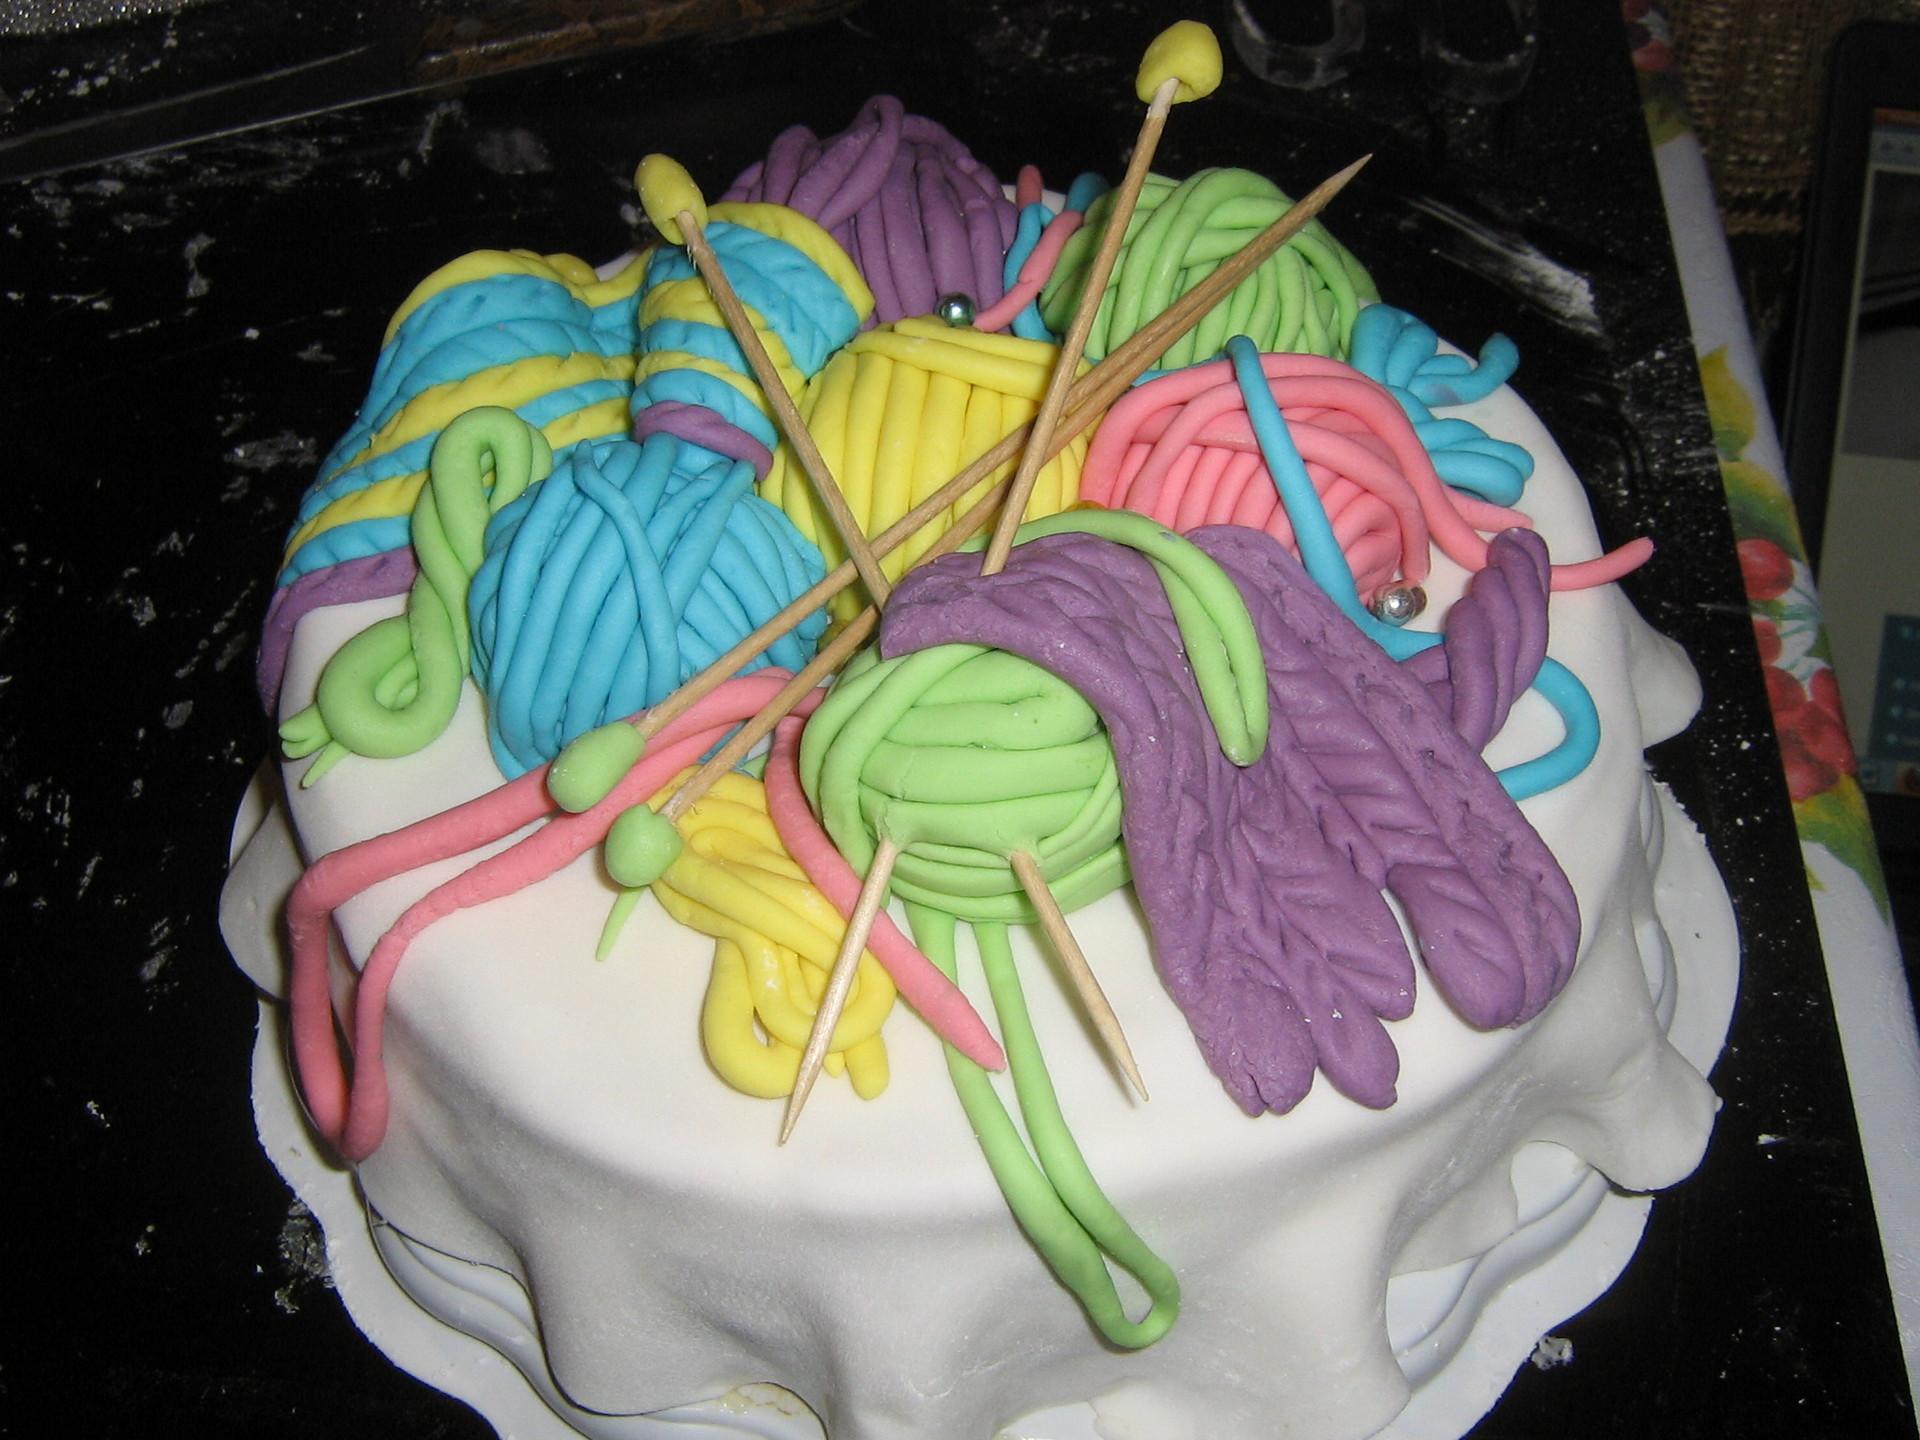 Торты для детей на день рождения фото 12 лет